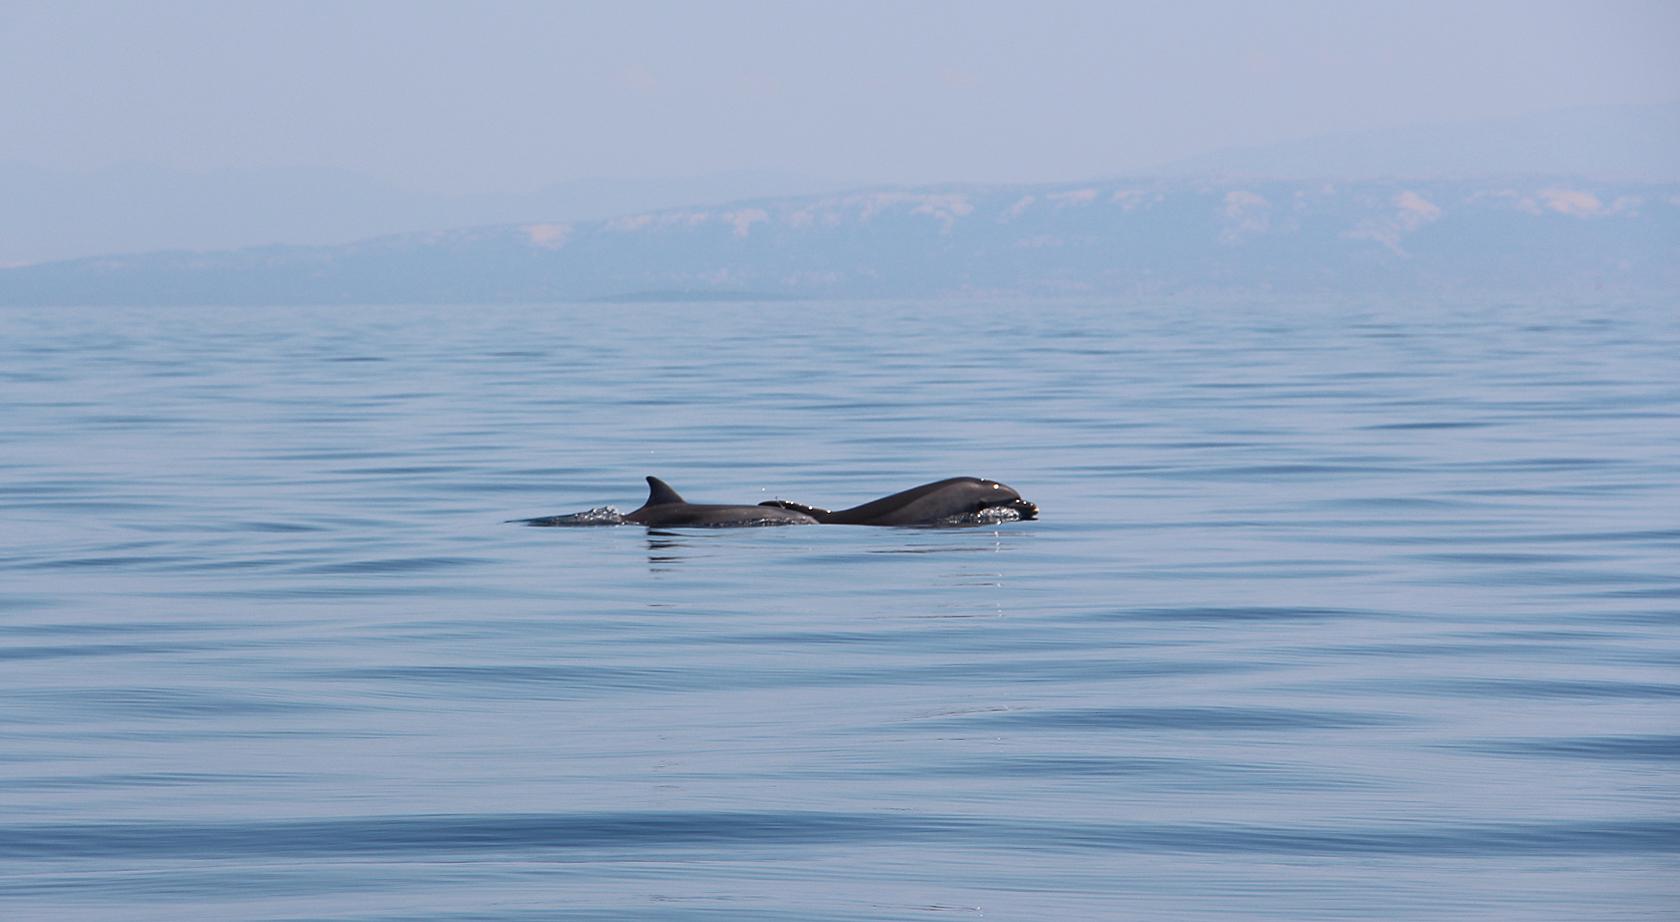 Лучшая работа в России 2014, второй репортаж из Хорватии. День дельфина